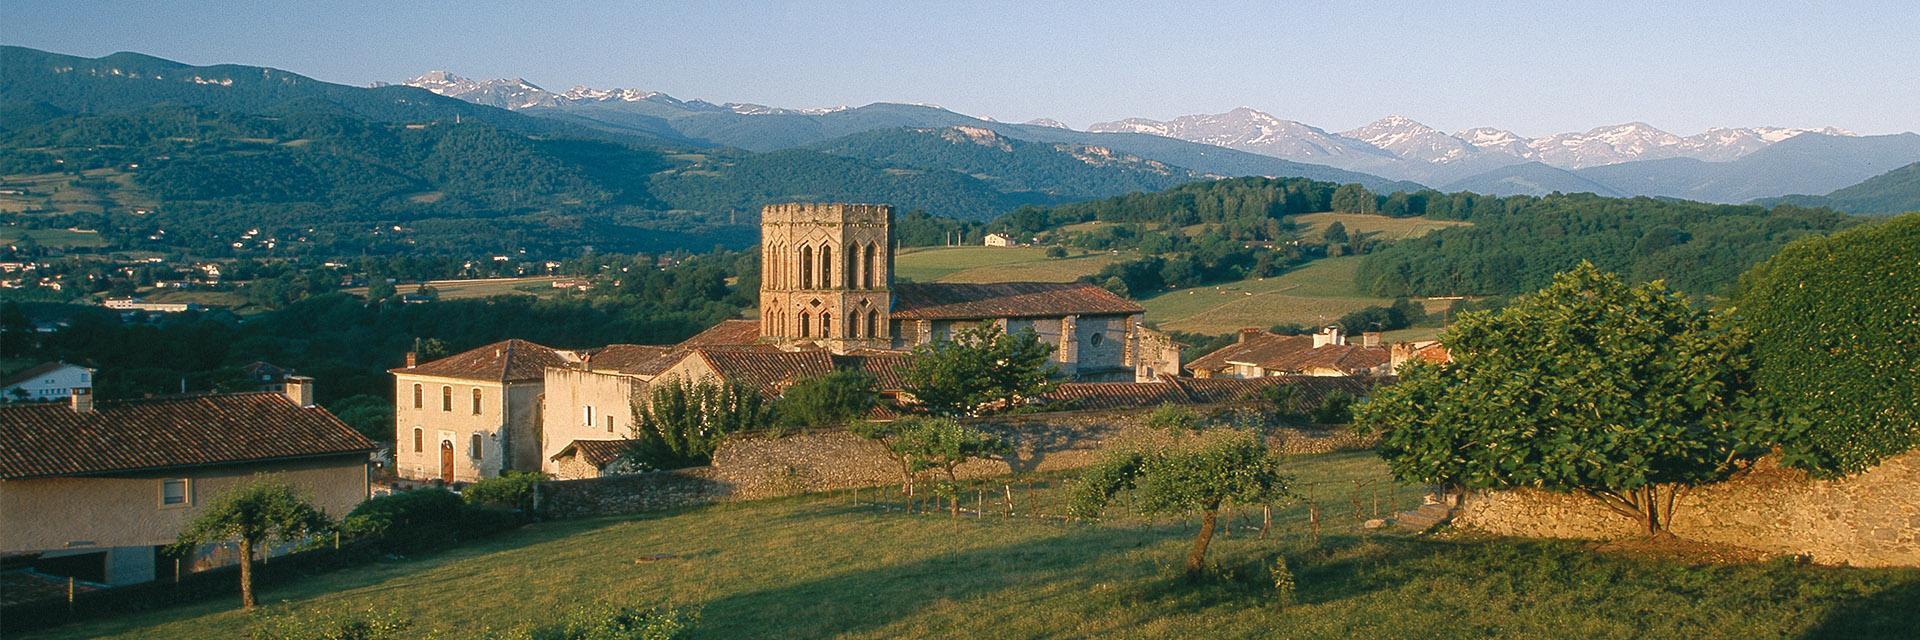 Le Parc Naturel Régional des Pyrénées ariègeoises - Les Lambrilles